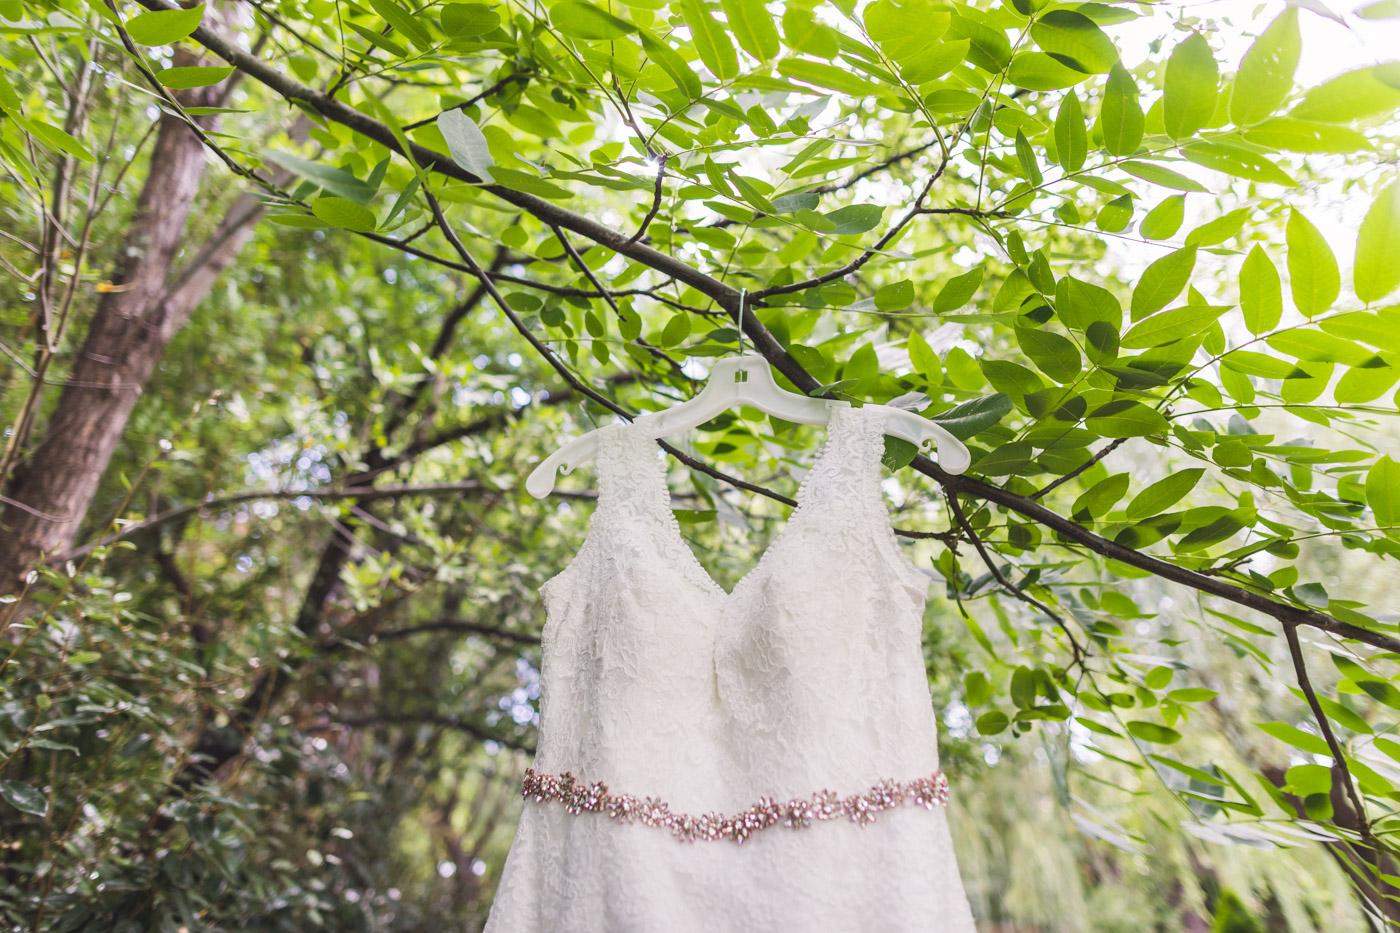 az-wedding-dress-in-tree